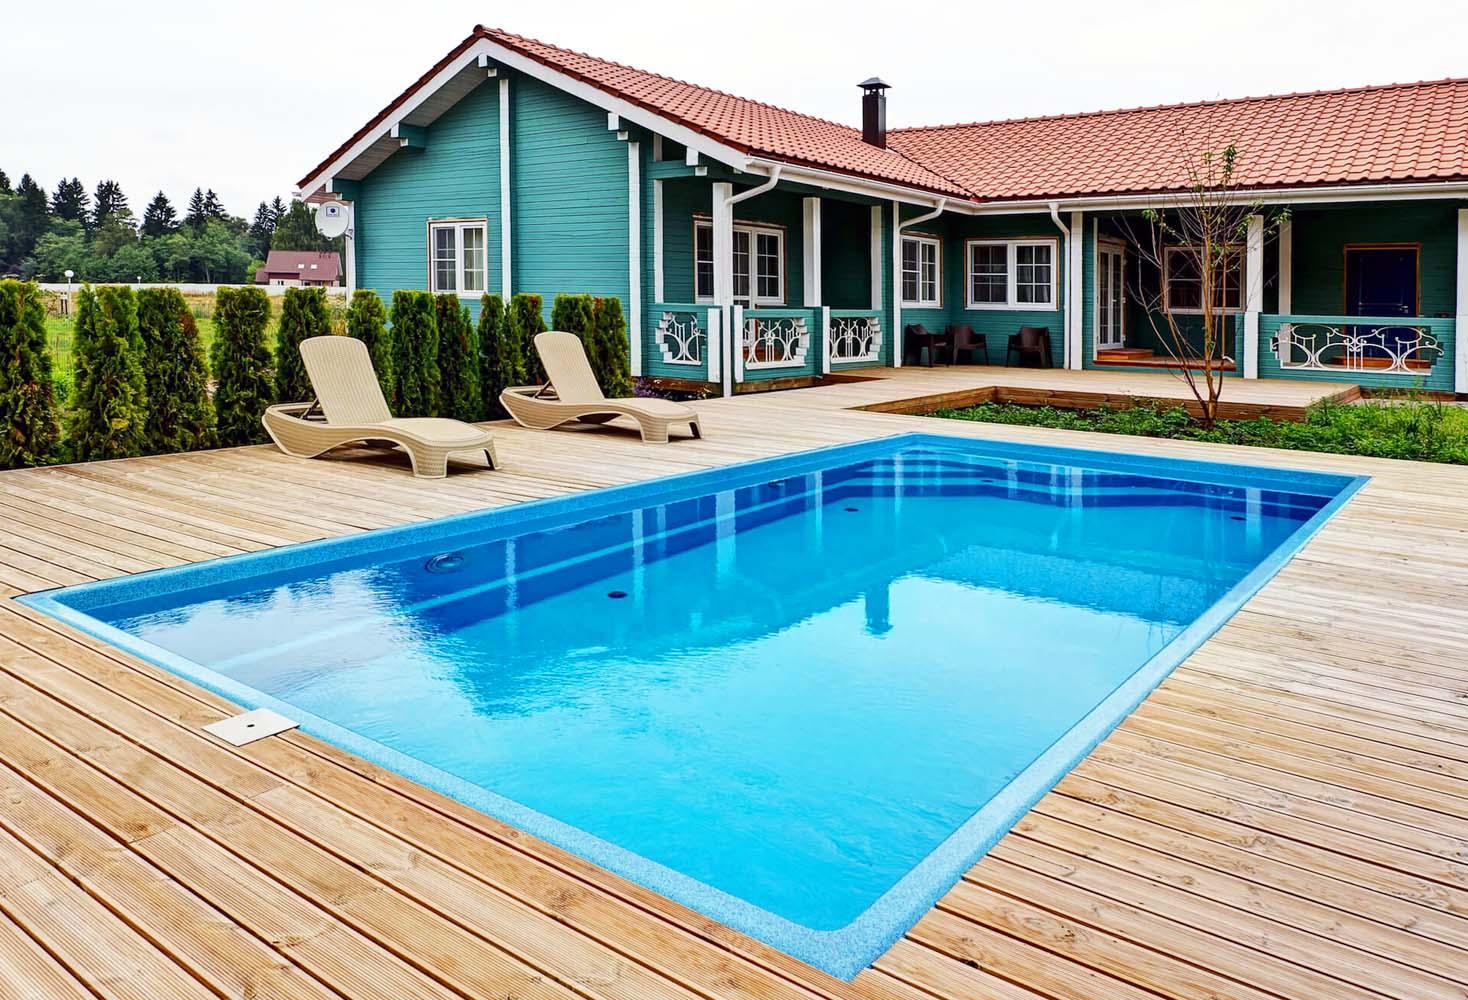 Купить композитный бассейн Compass Pools можно в Казани